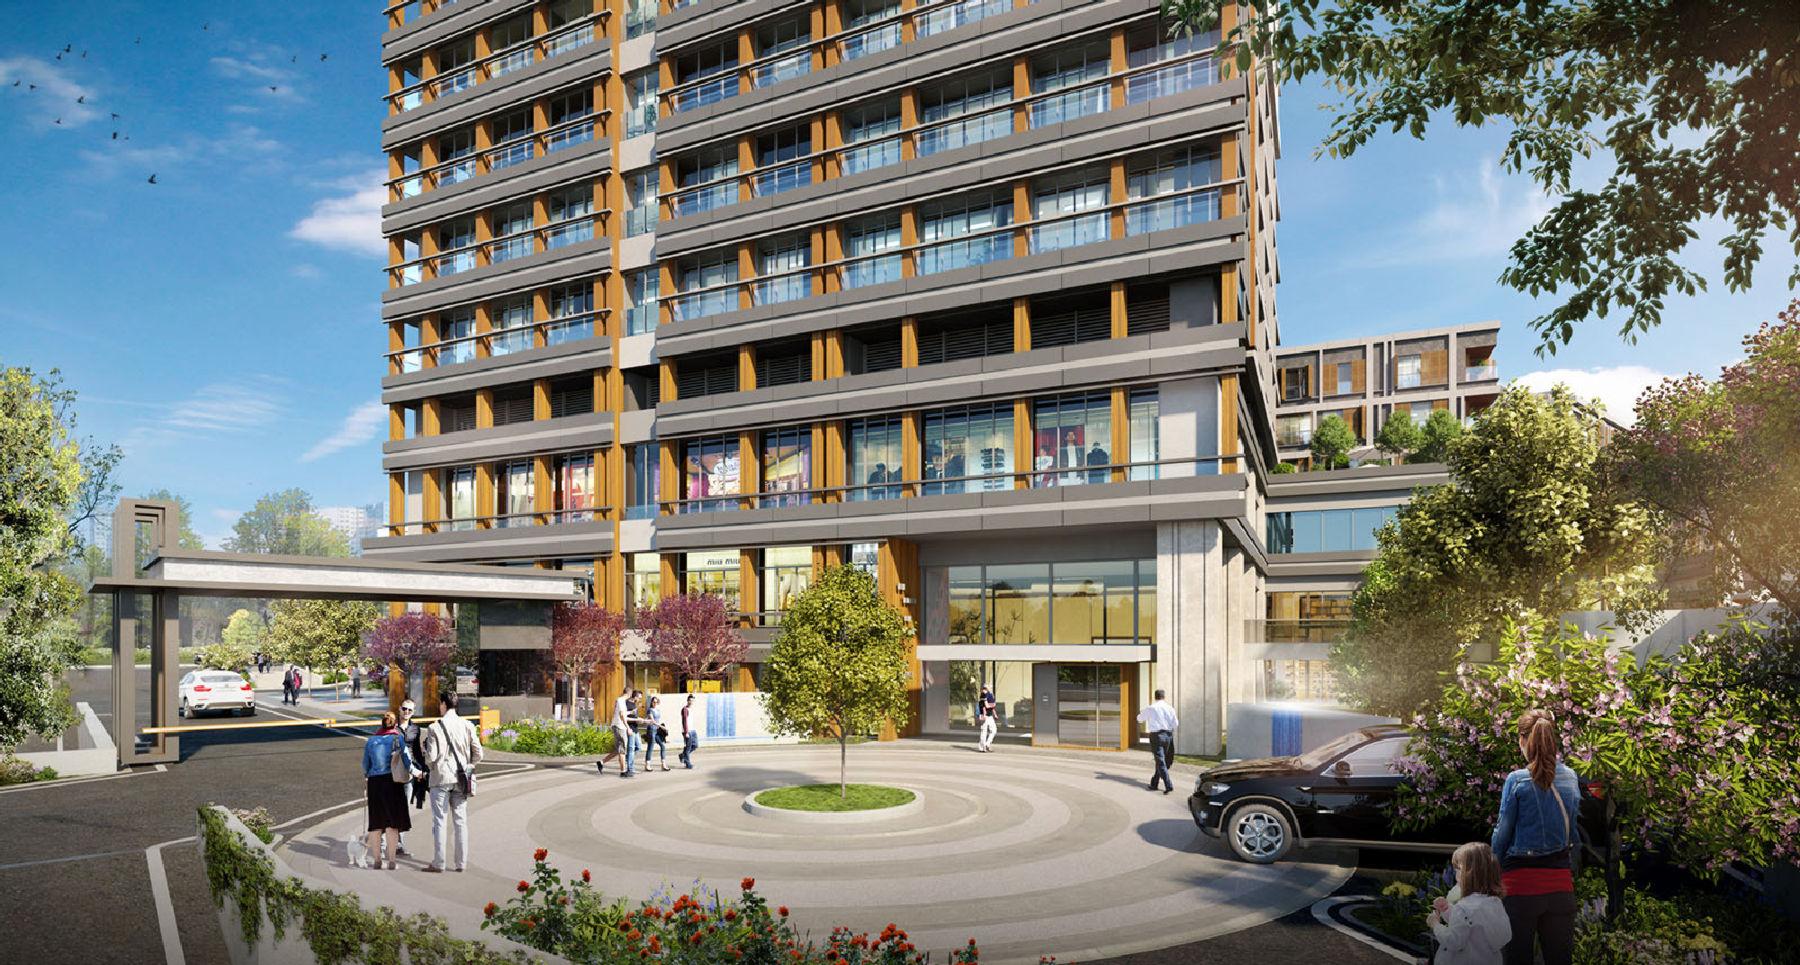 «Умные» квартиры в новом жилом комплексе Стамбула - Фото 15